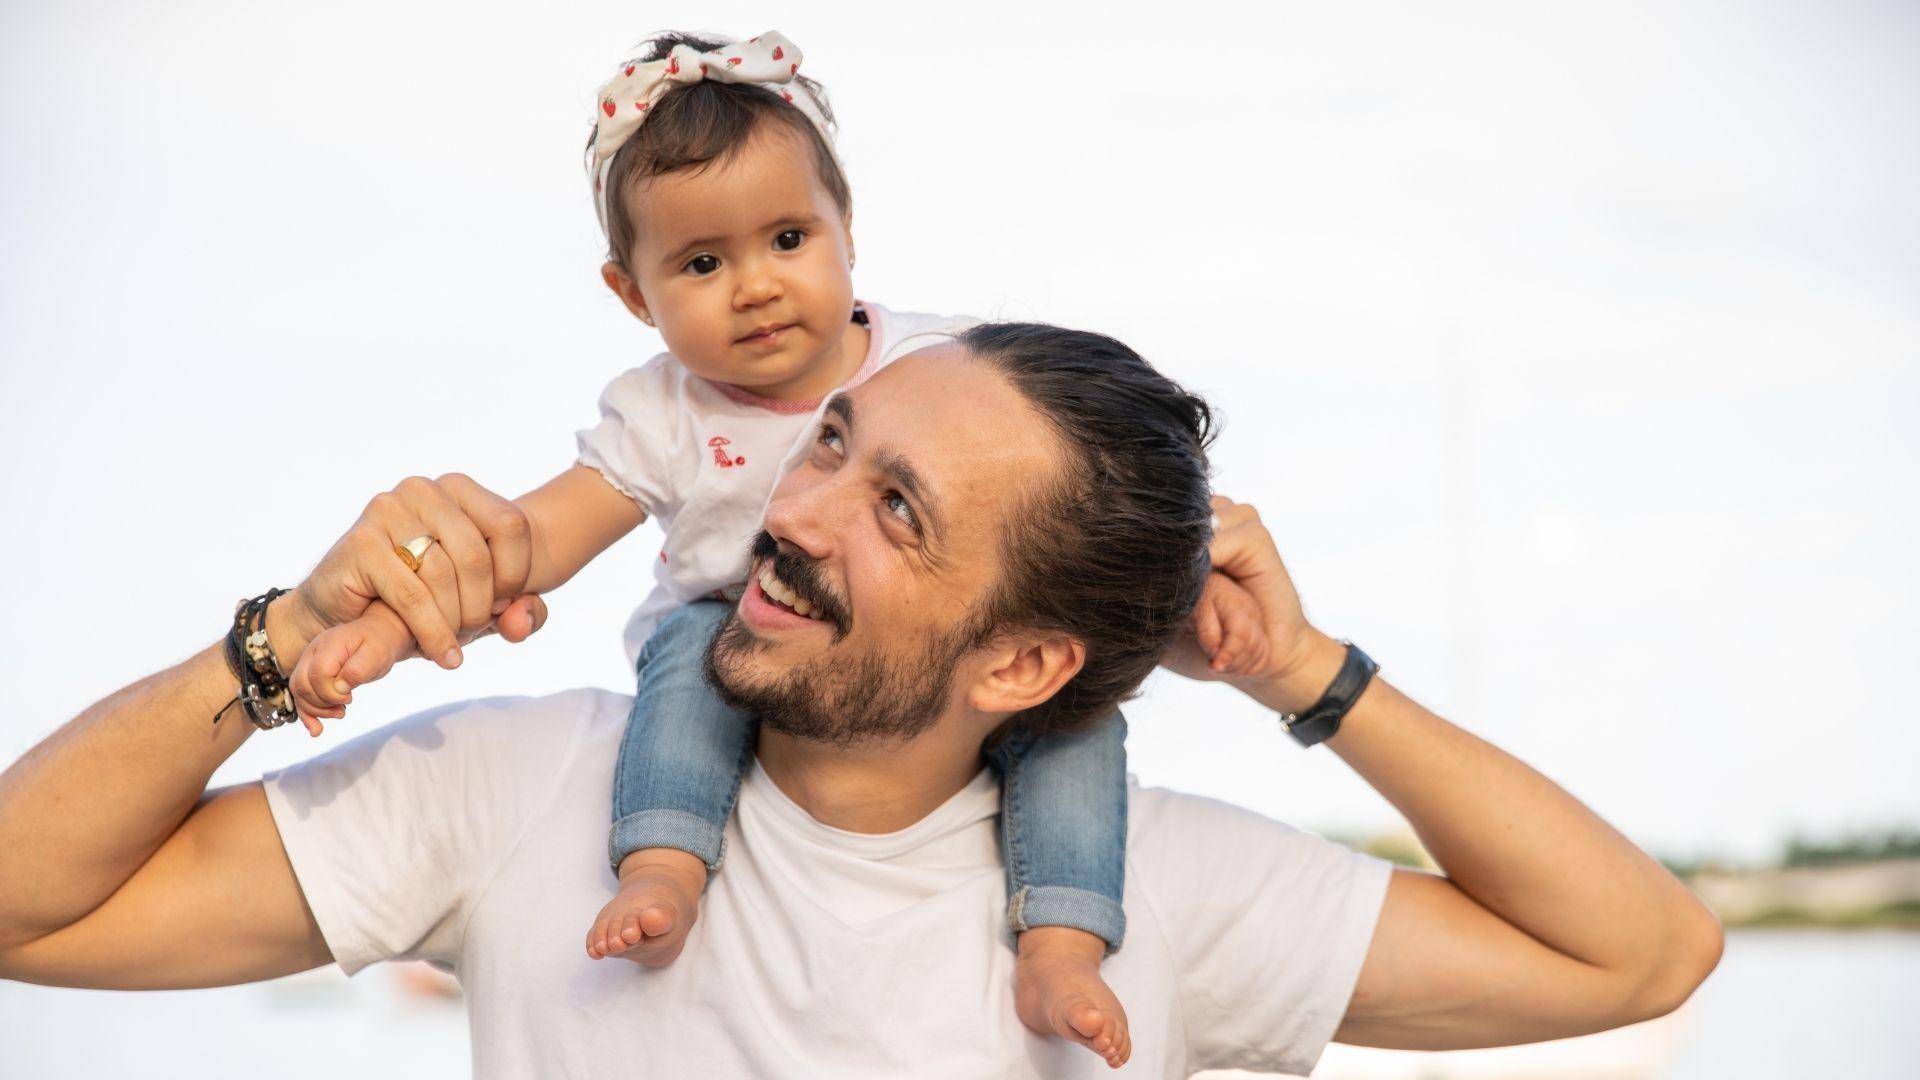 Comment les pères peuvent inspirer leurs enfants